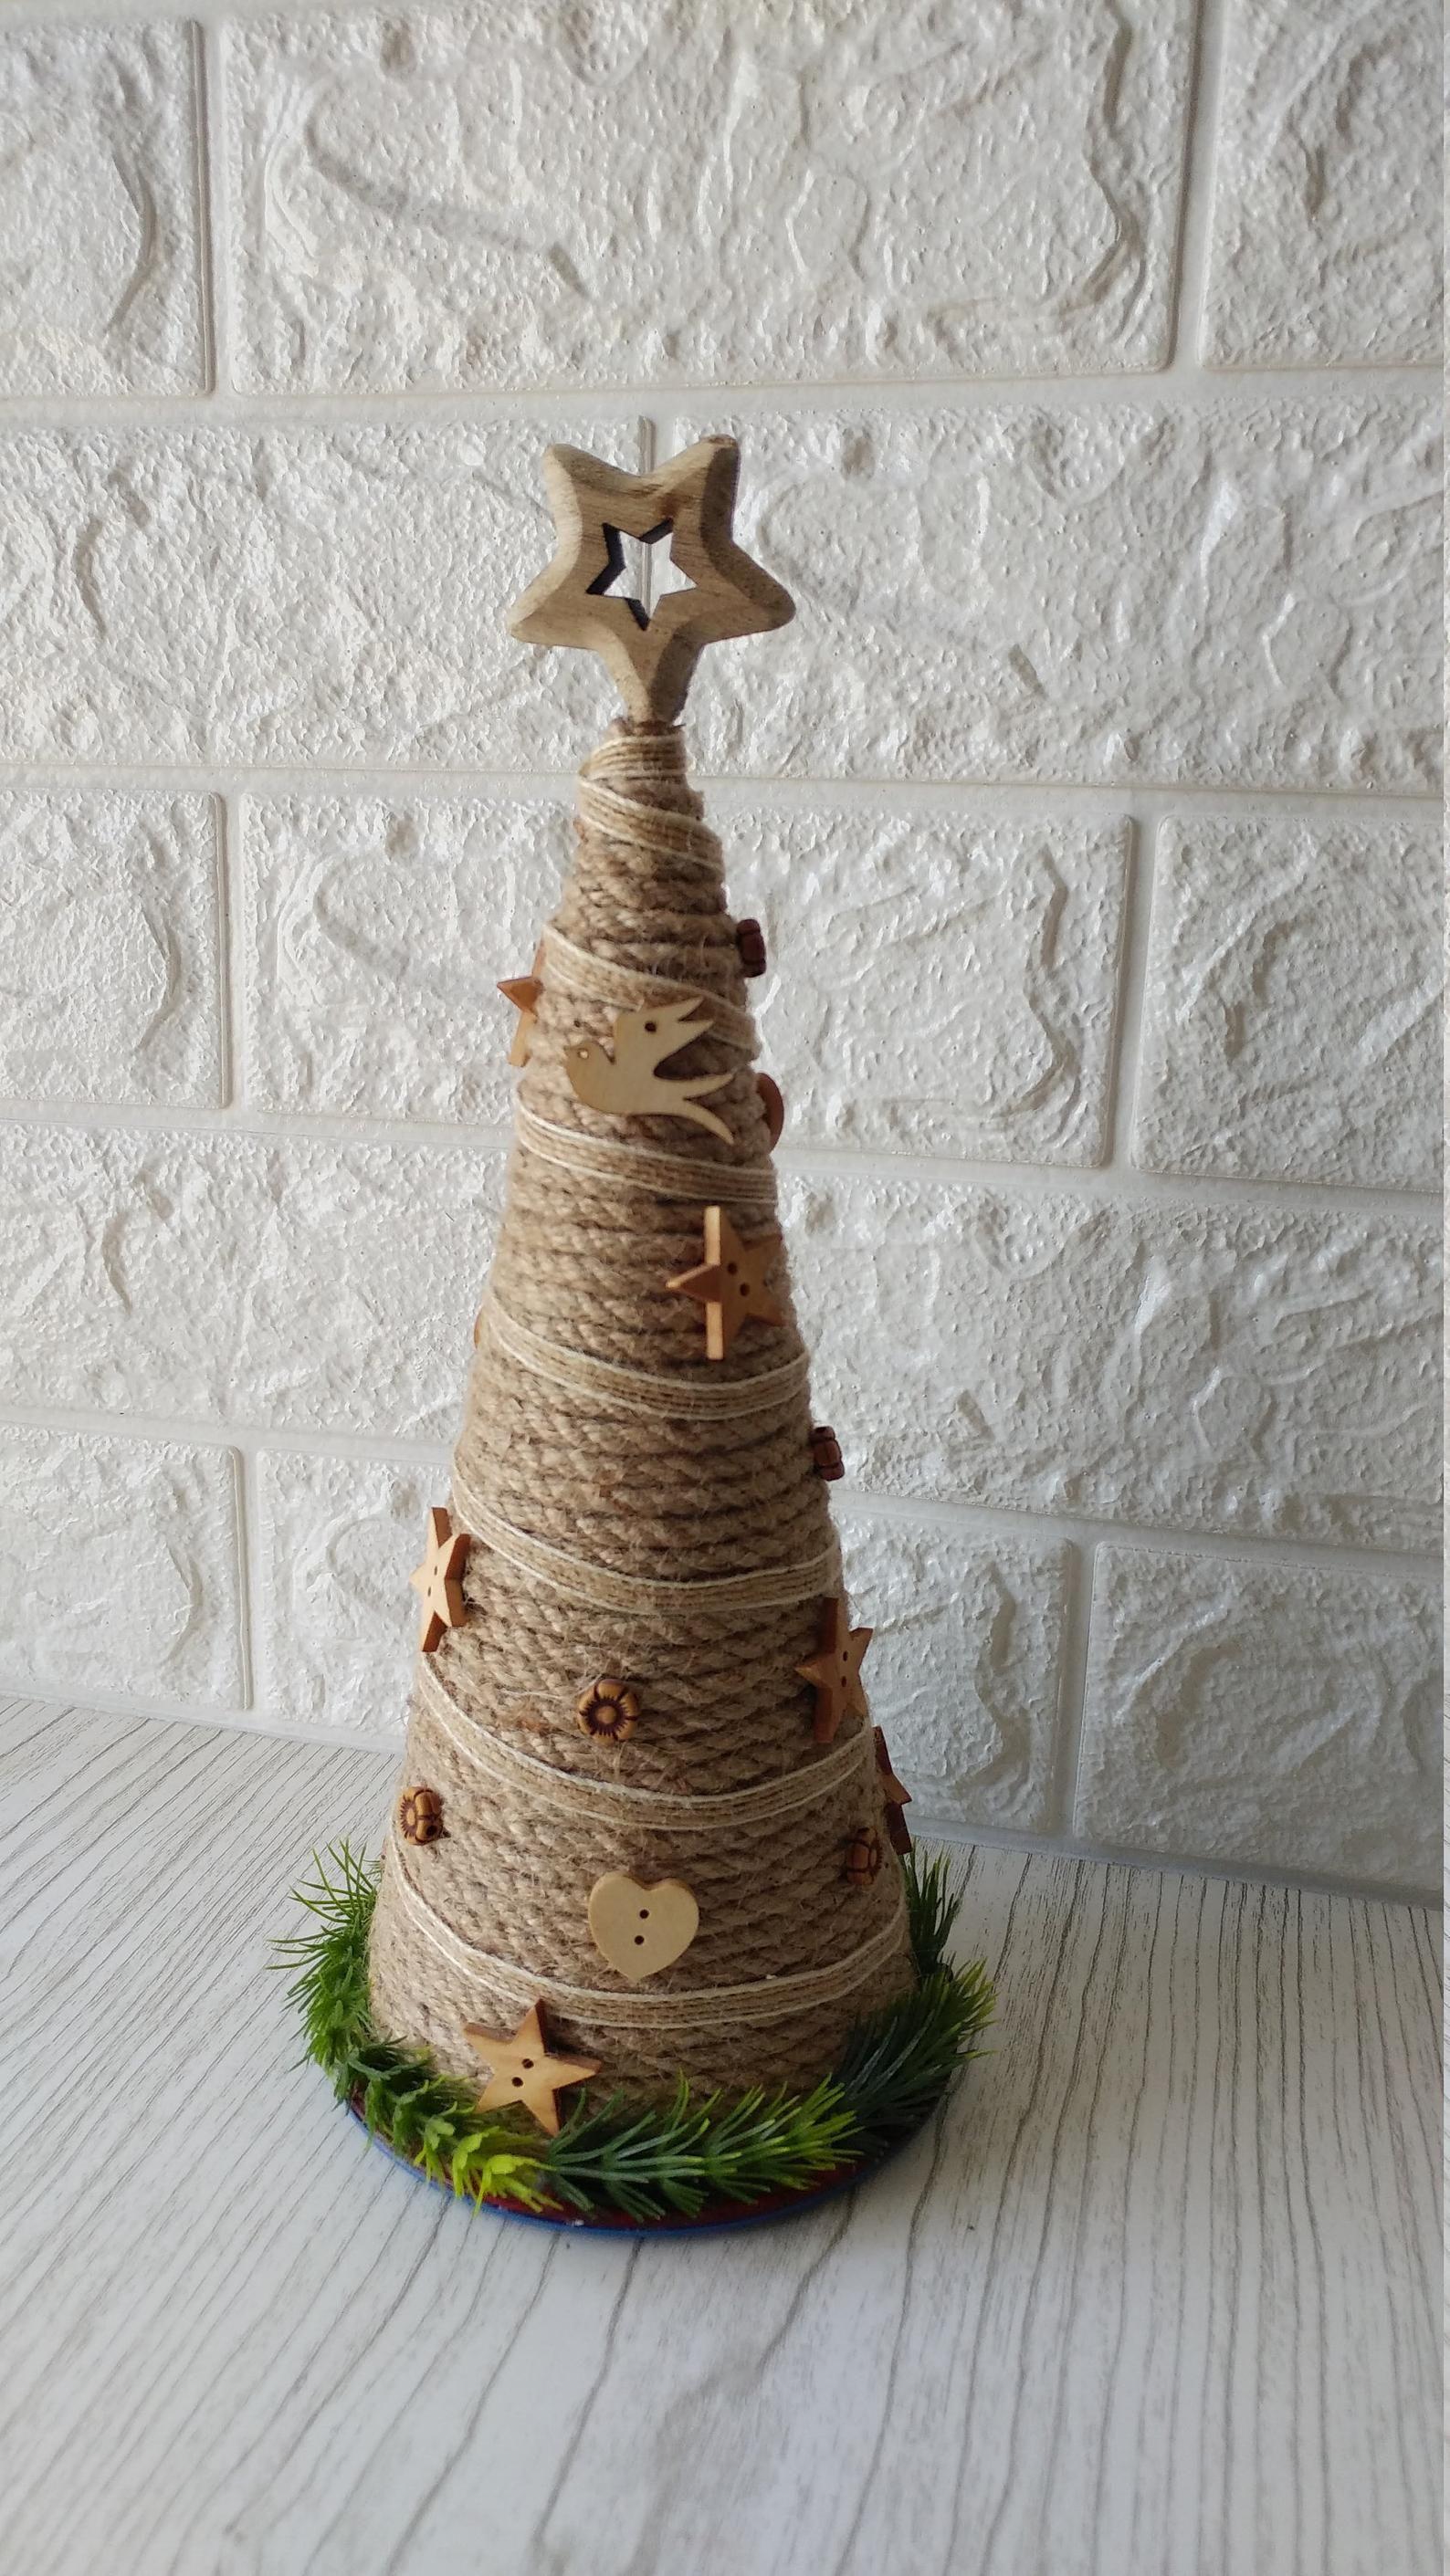 Rustic Christmas Decor, Christmas Tree Decor, Christmas